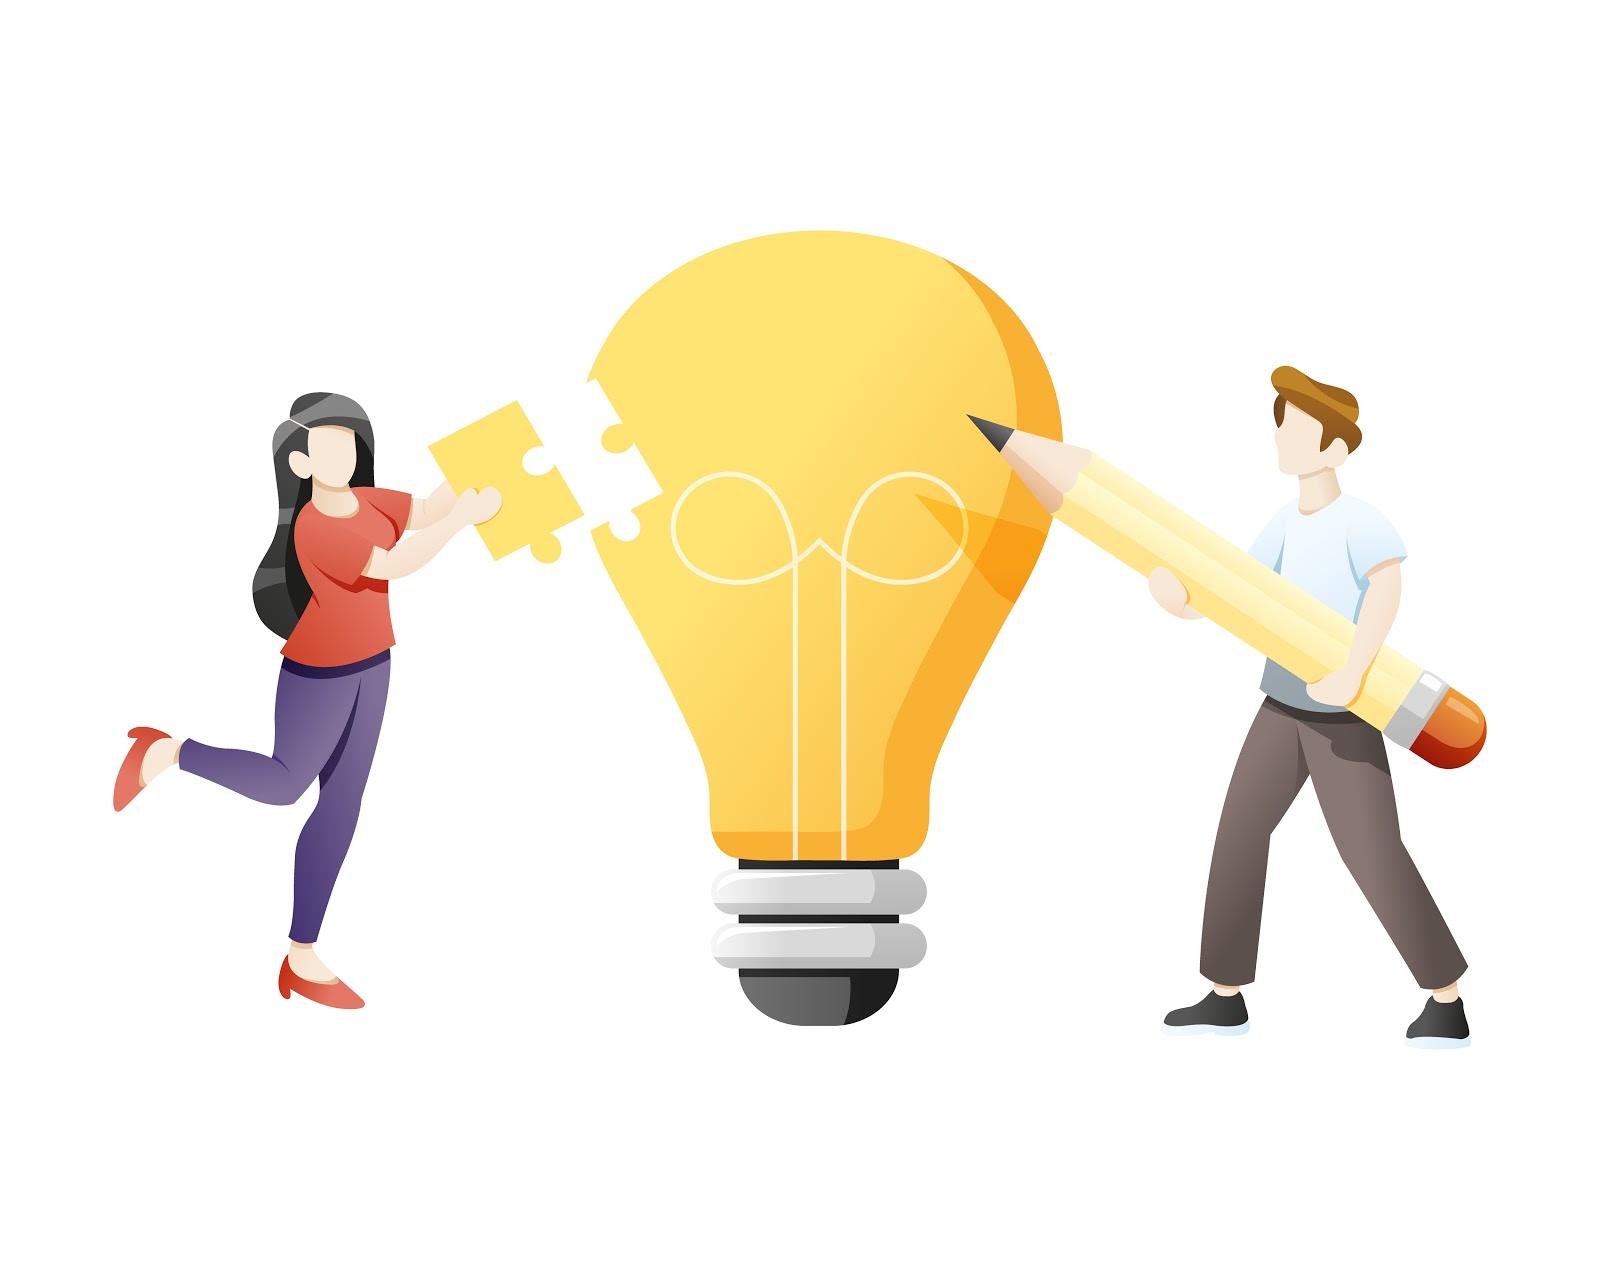 Ilustração de dois jovens desenhando uma lâmpada